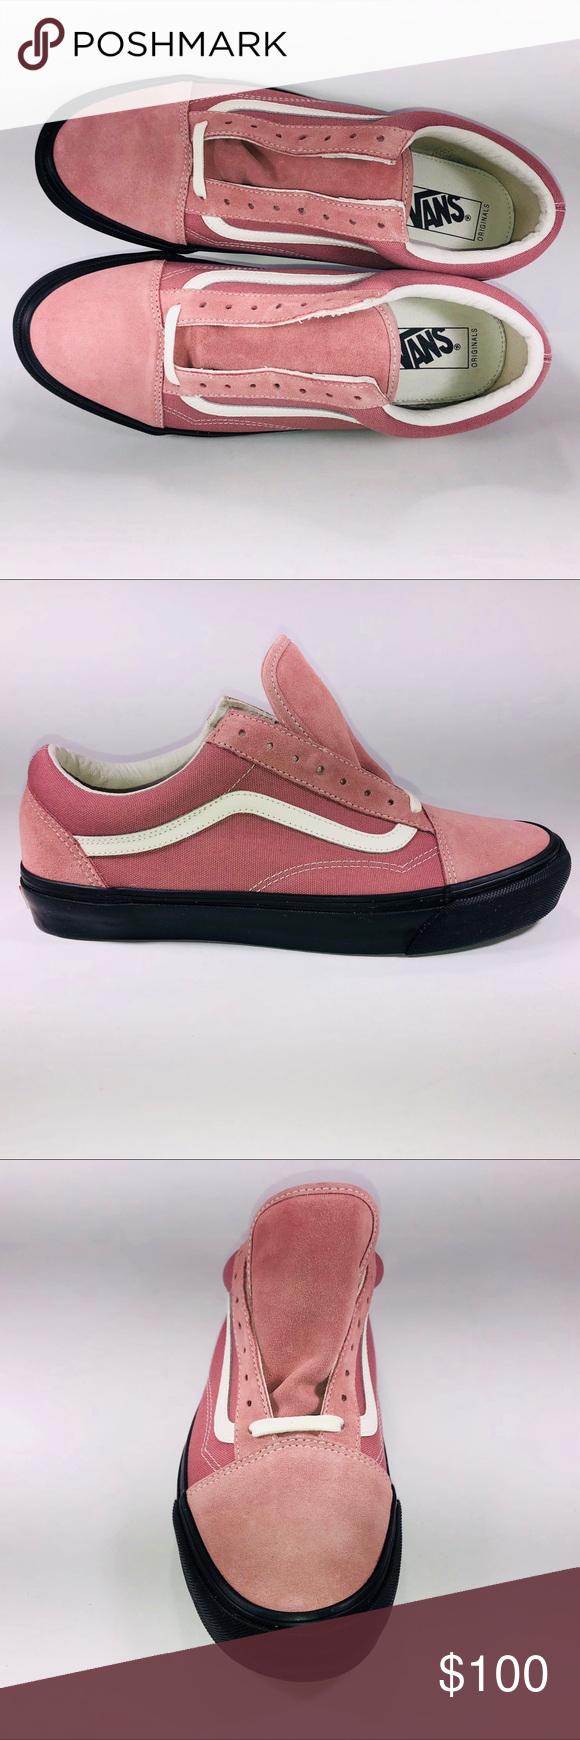 VANS OG Old Skool LX Suede Ash Rose & Black Shoes New With